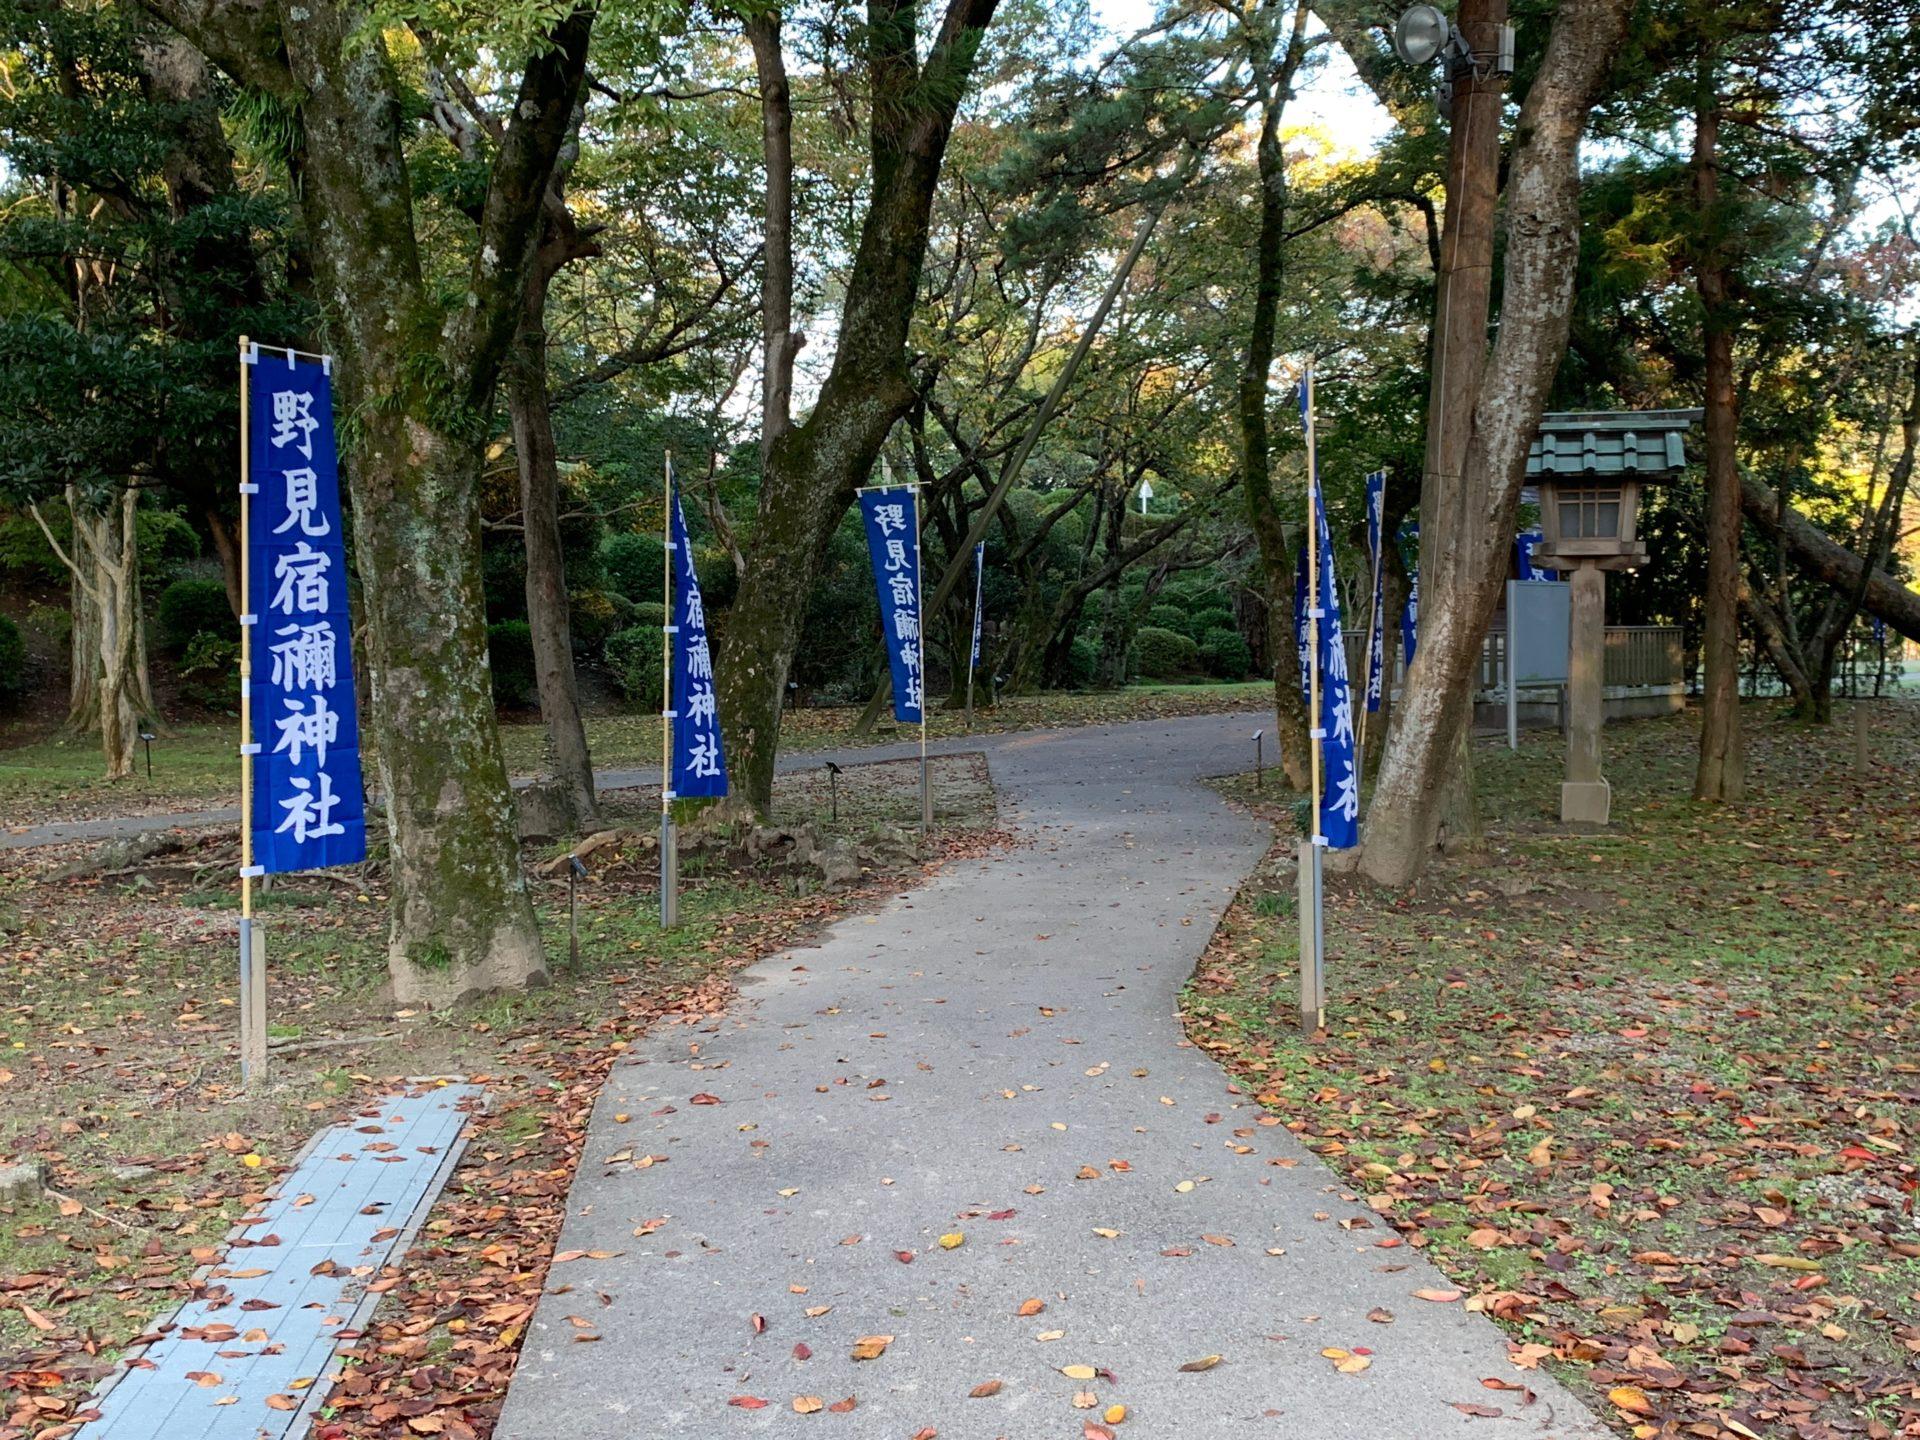 野見宿禰神社への道